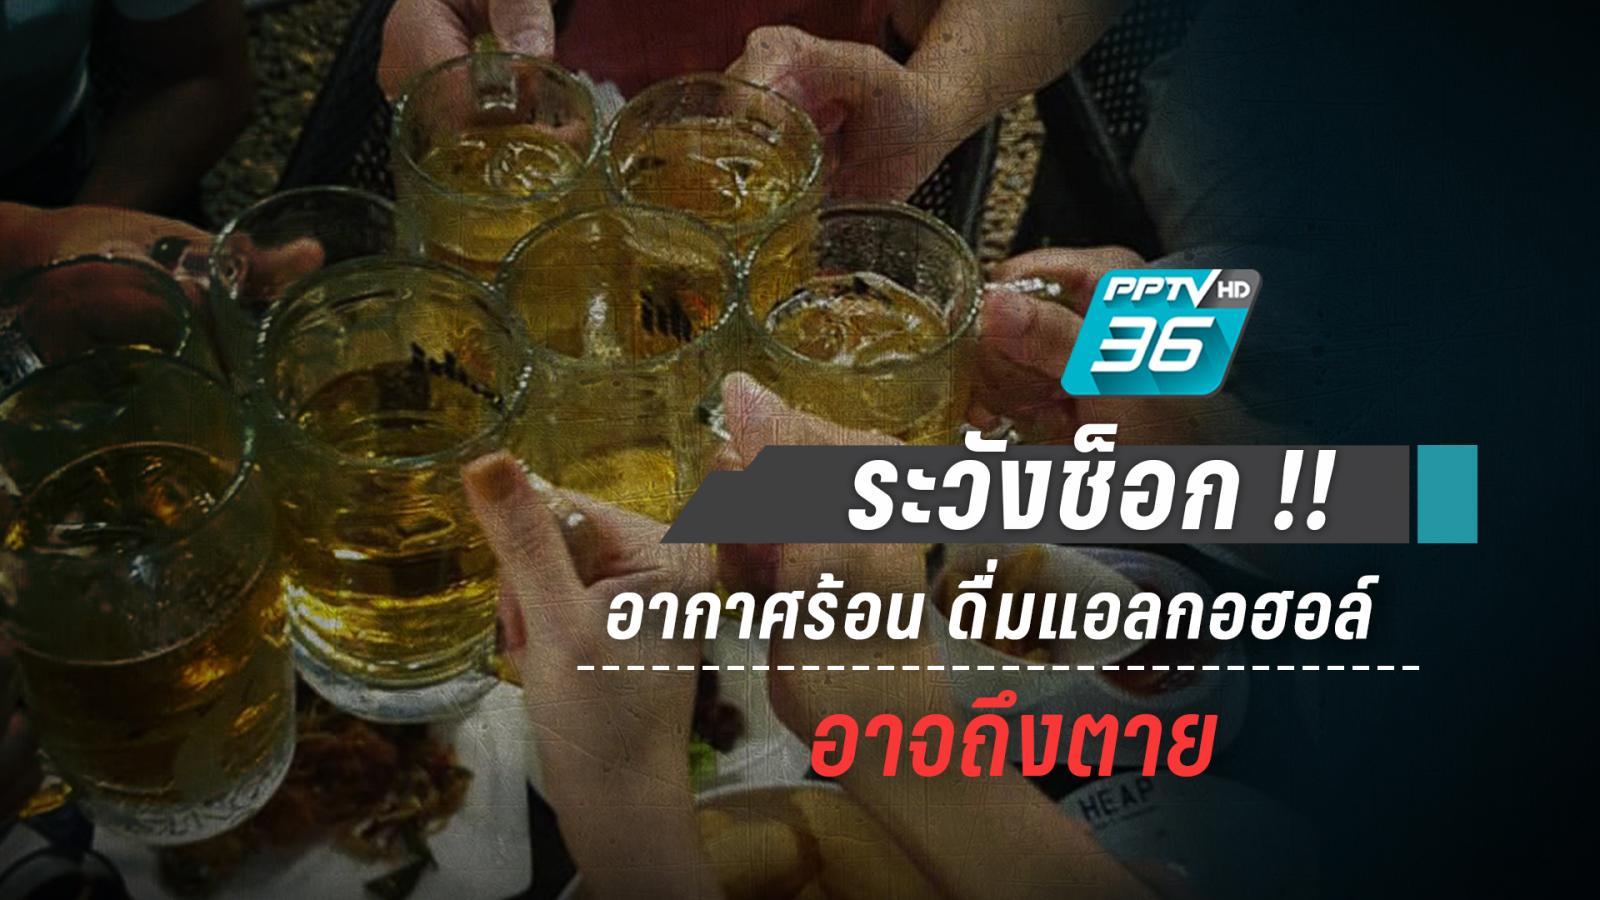 ระวังช็อก !! อากาศร้อน ดื่มแอลกอฮอล์ อาจถึงตาย